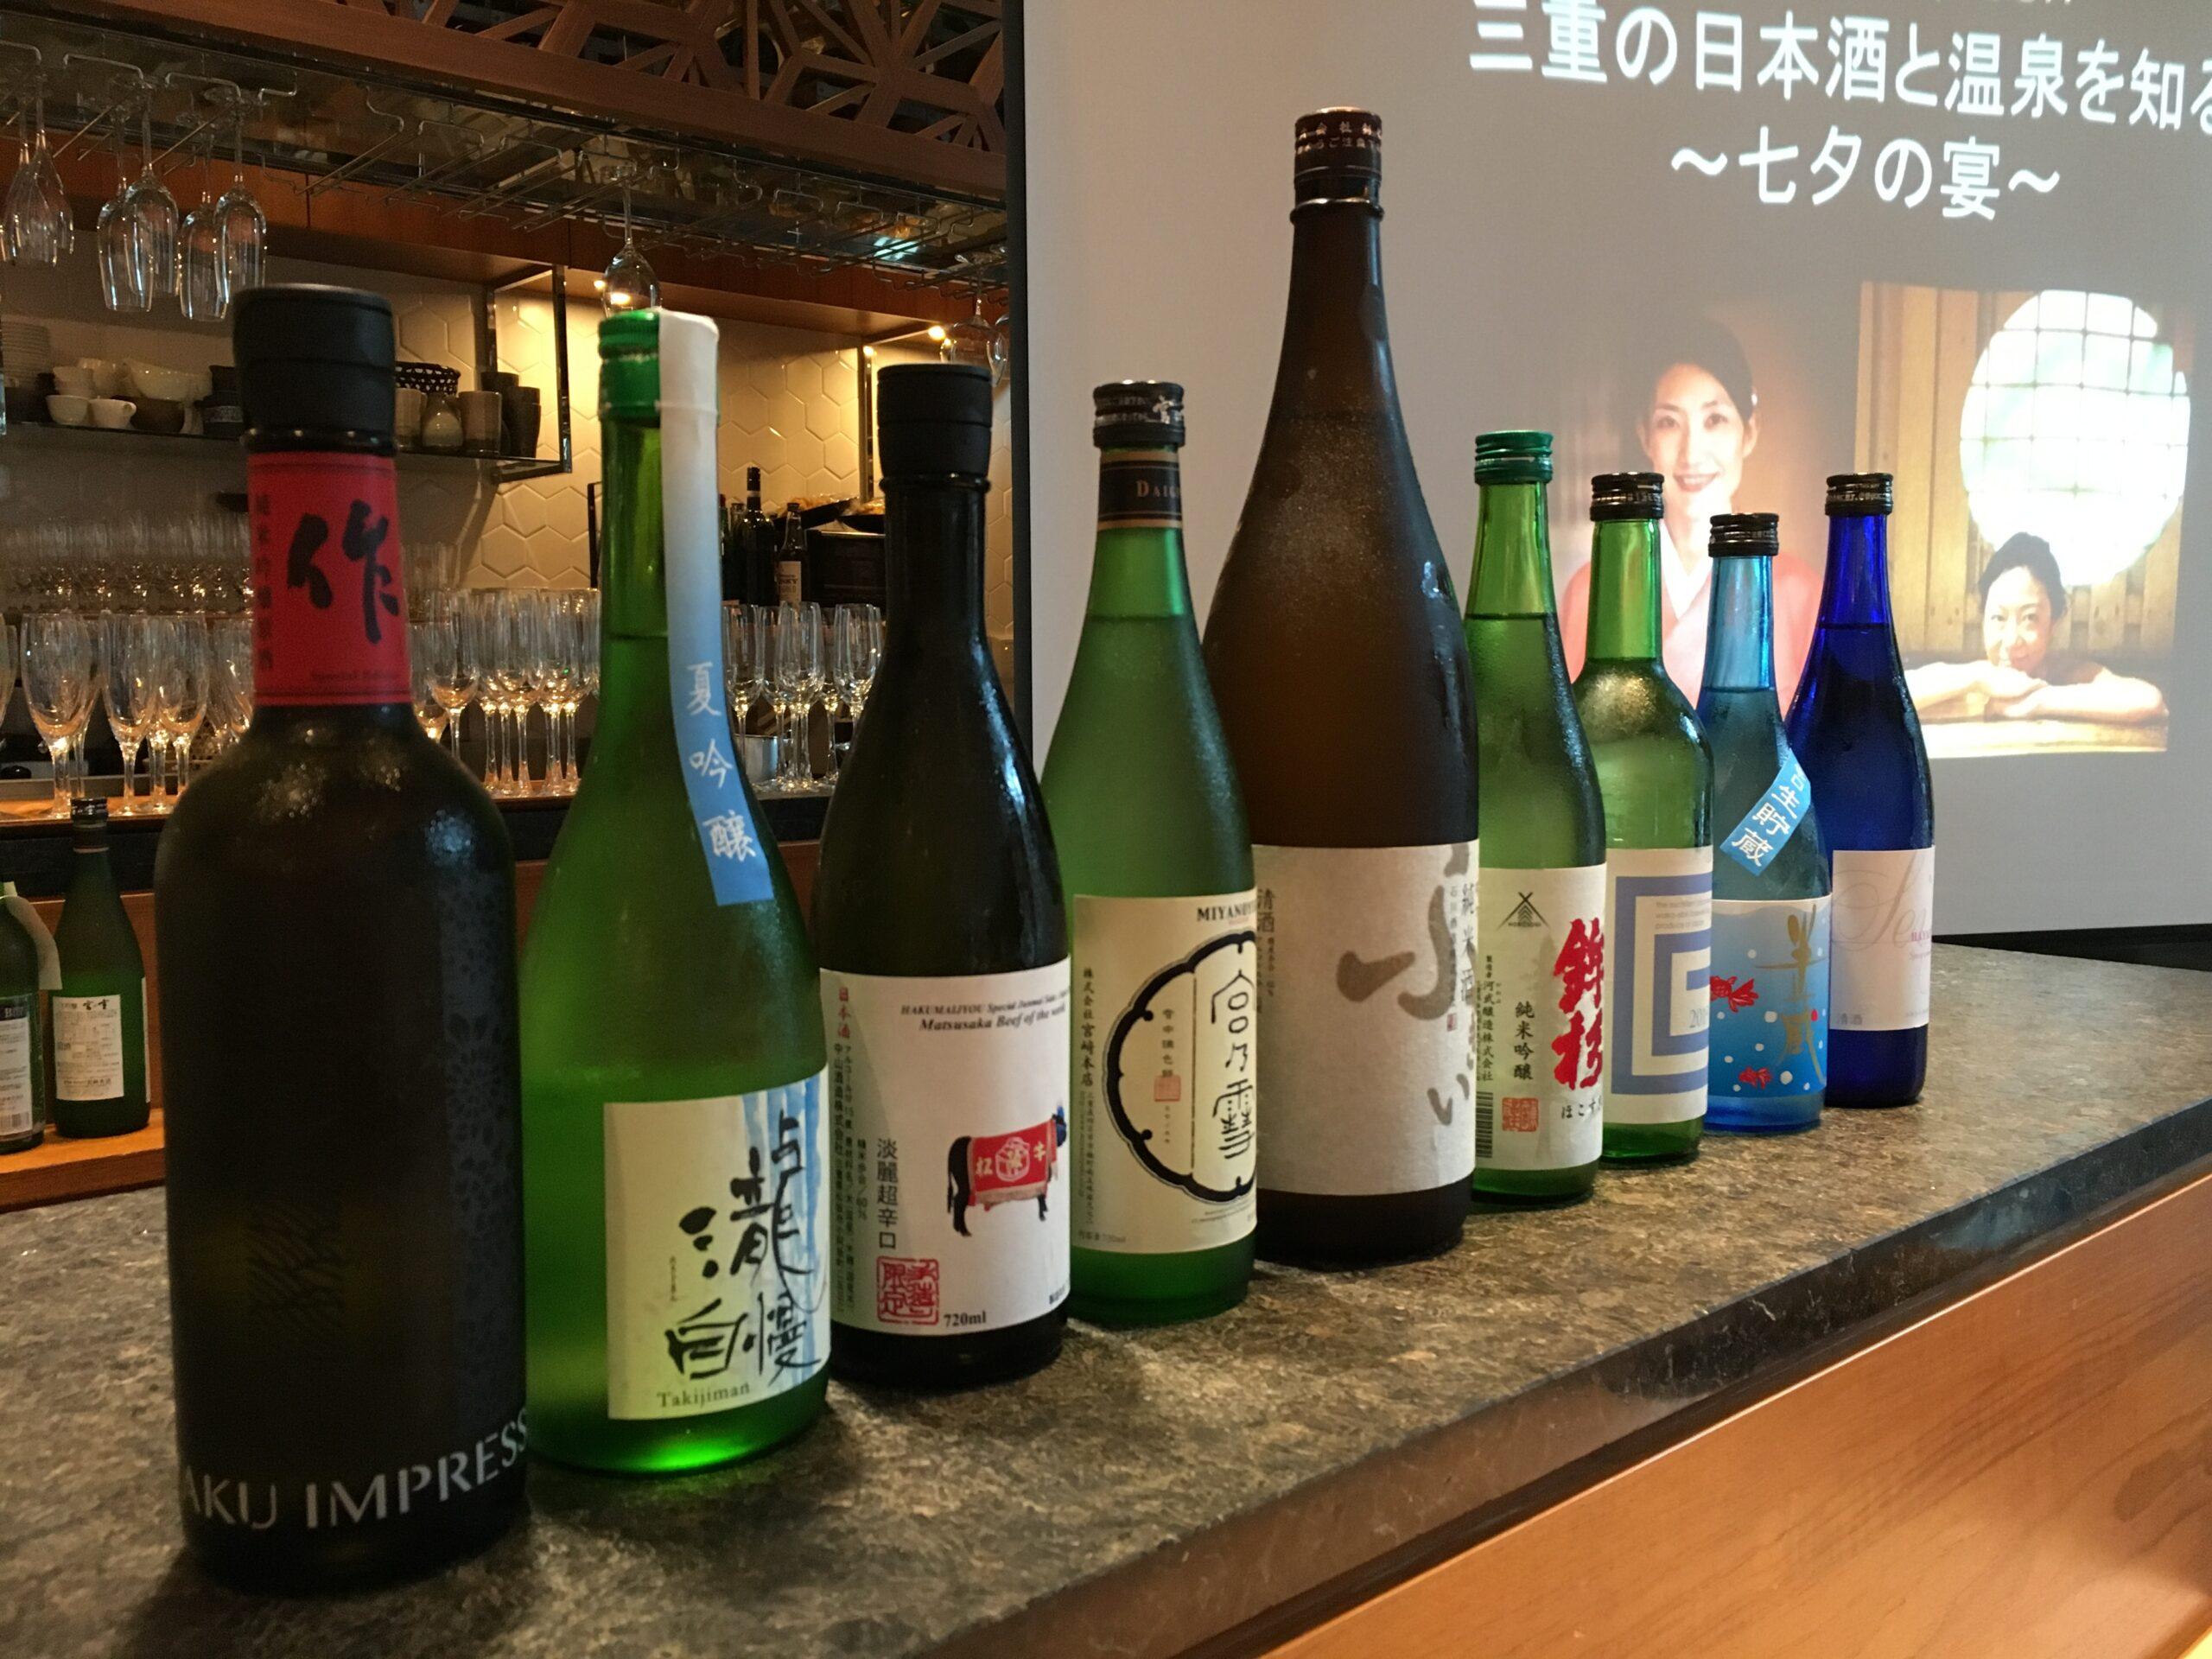 七夕の宴(三重テラス)でご用意した三重の日本酒9種